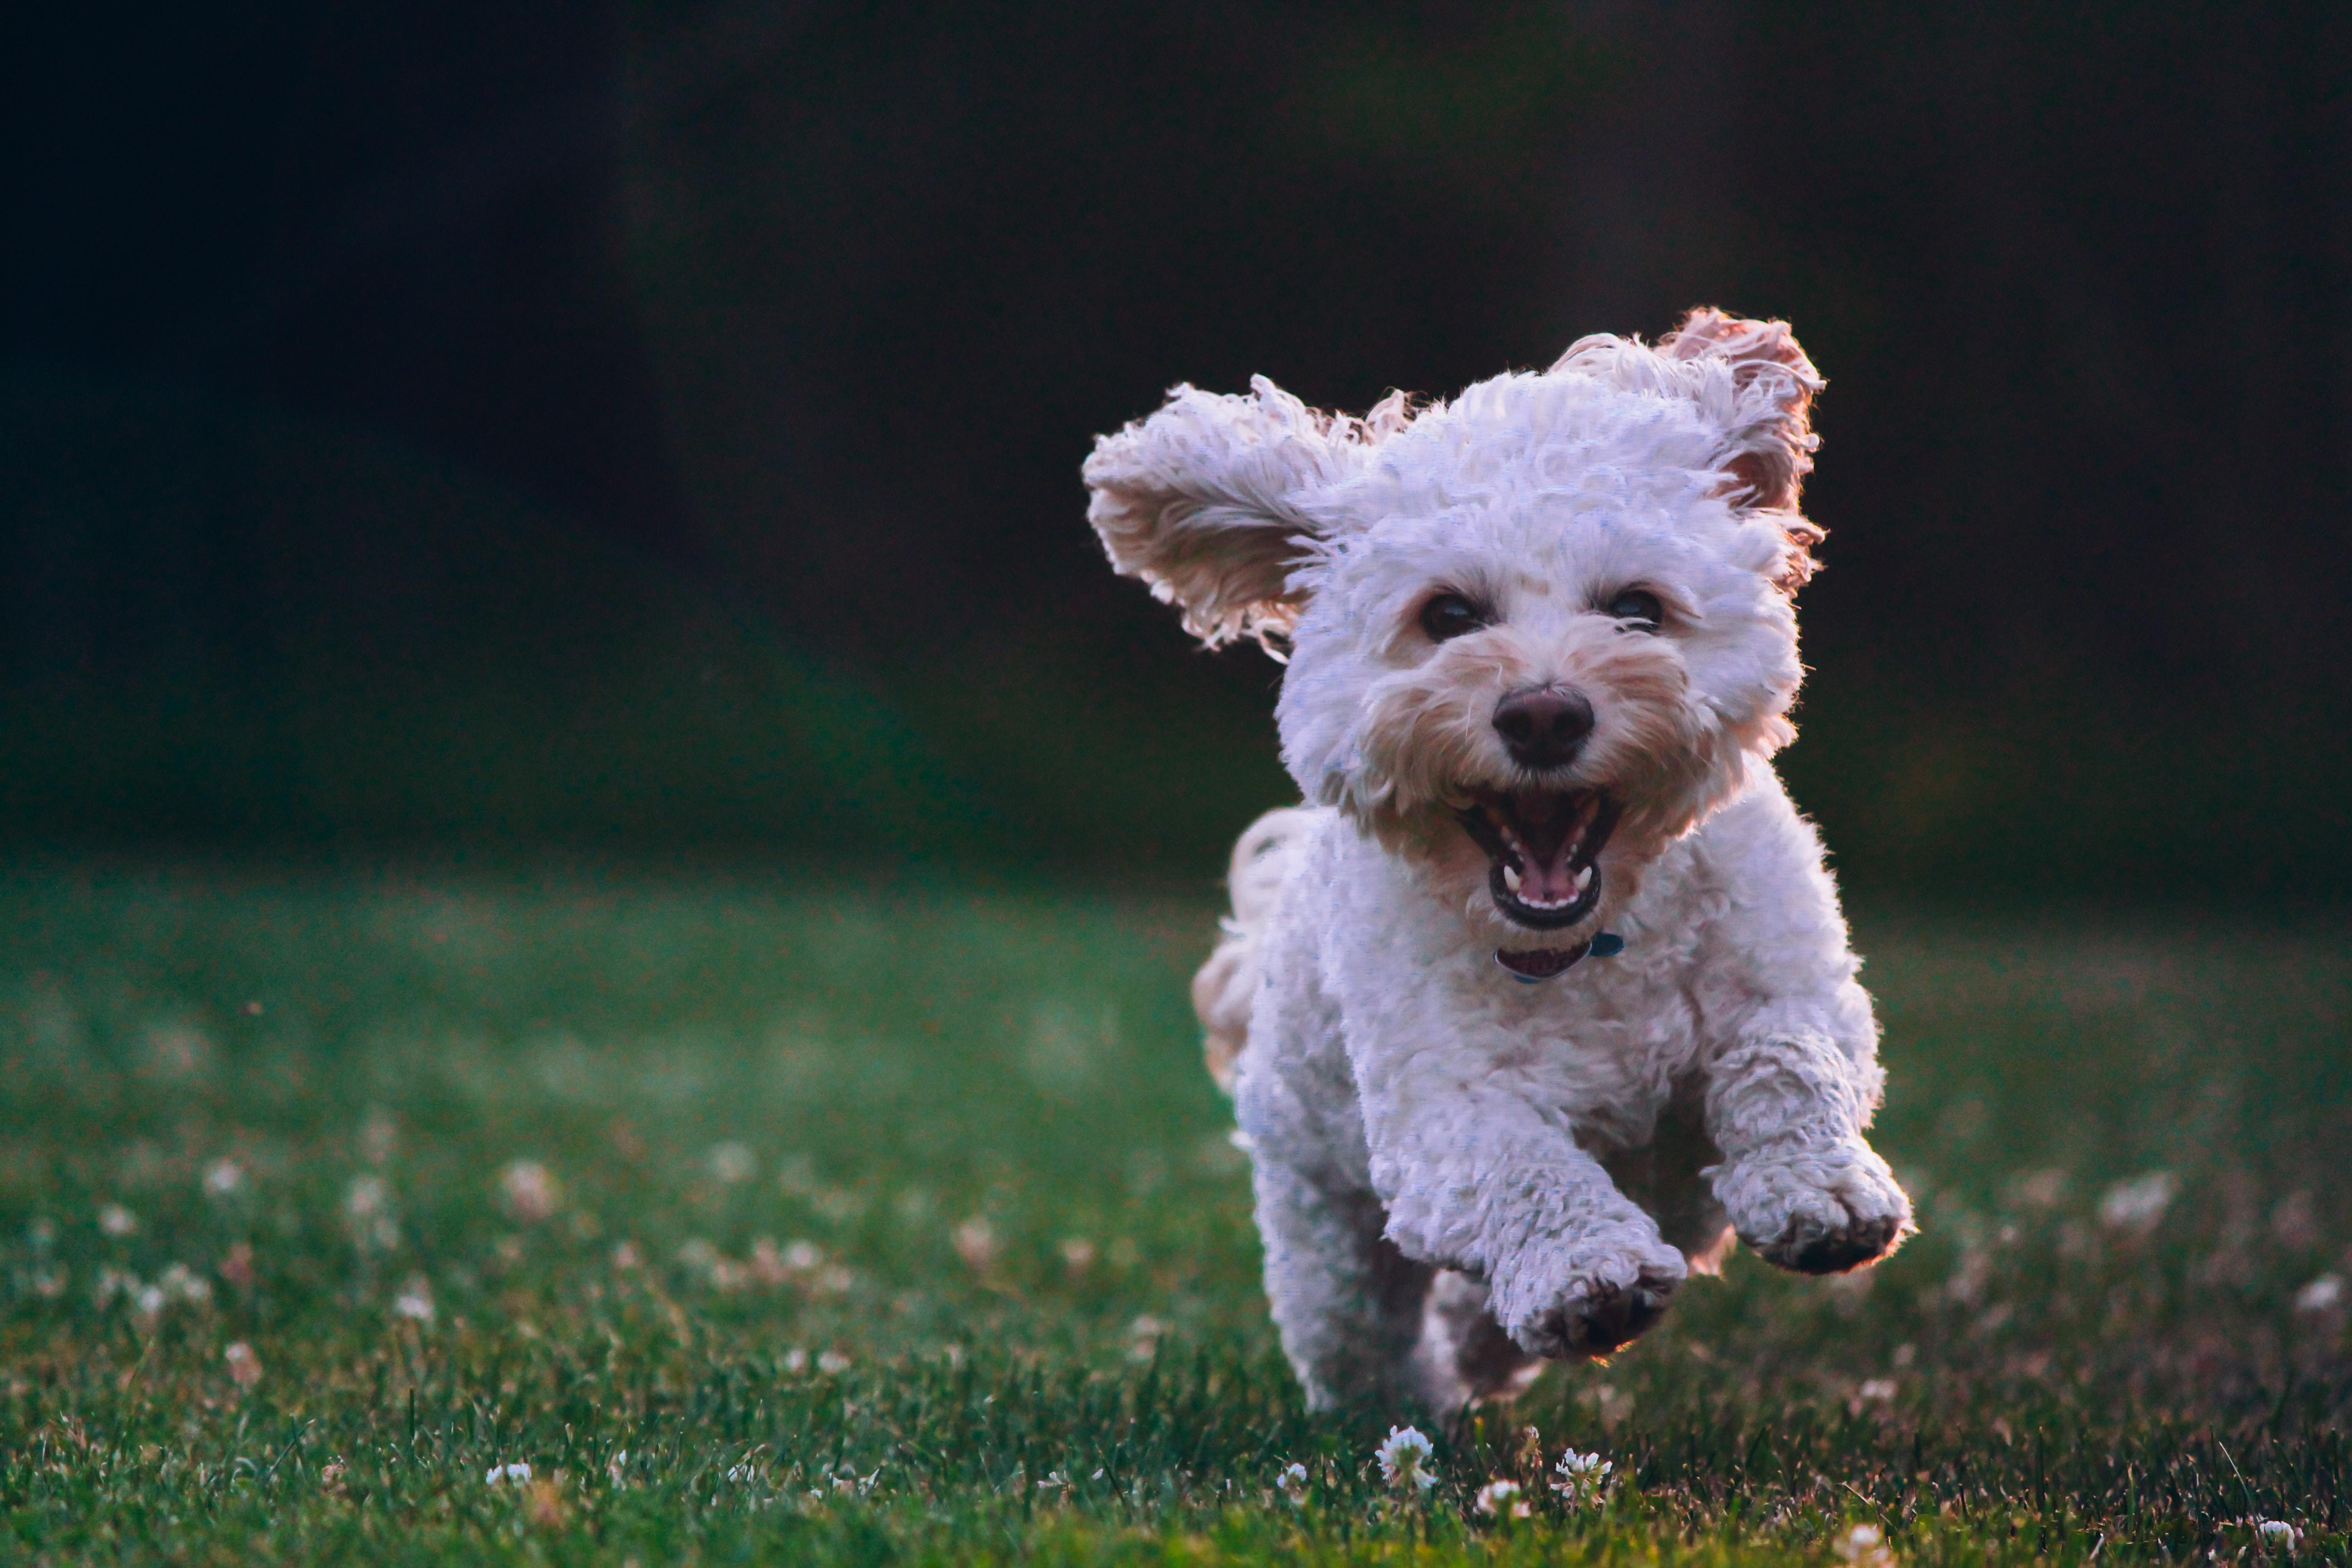 Il mio cane ha paura di una sola persona, che fare?